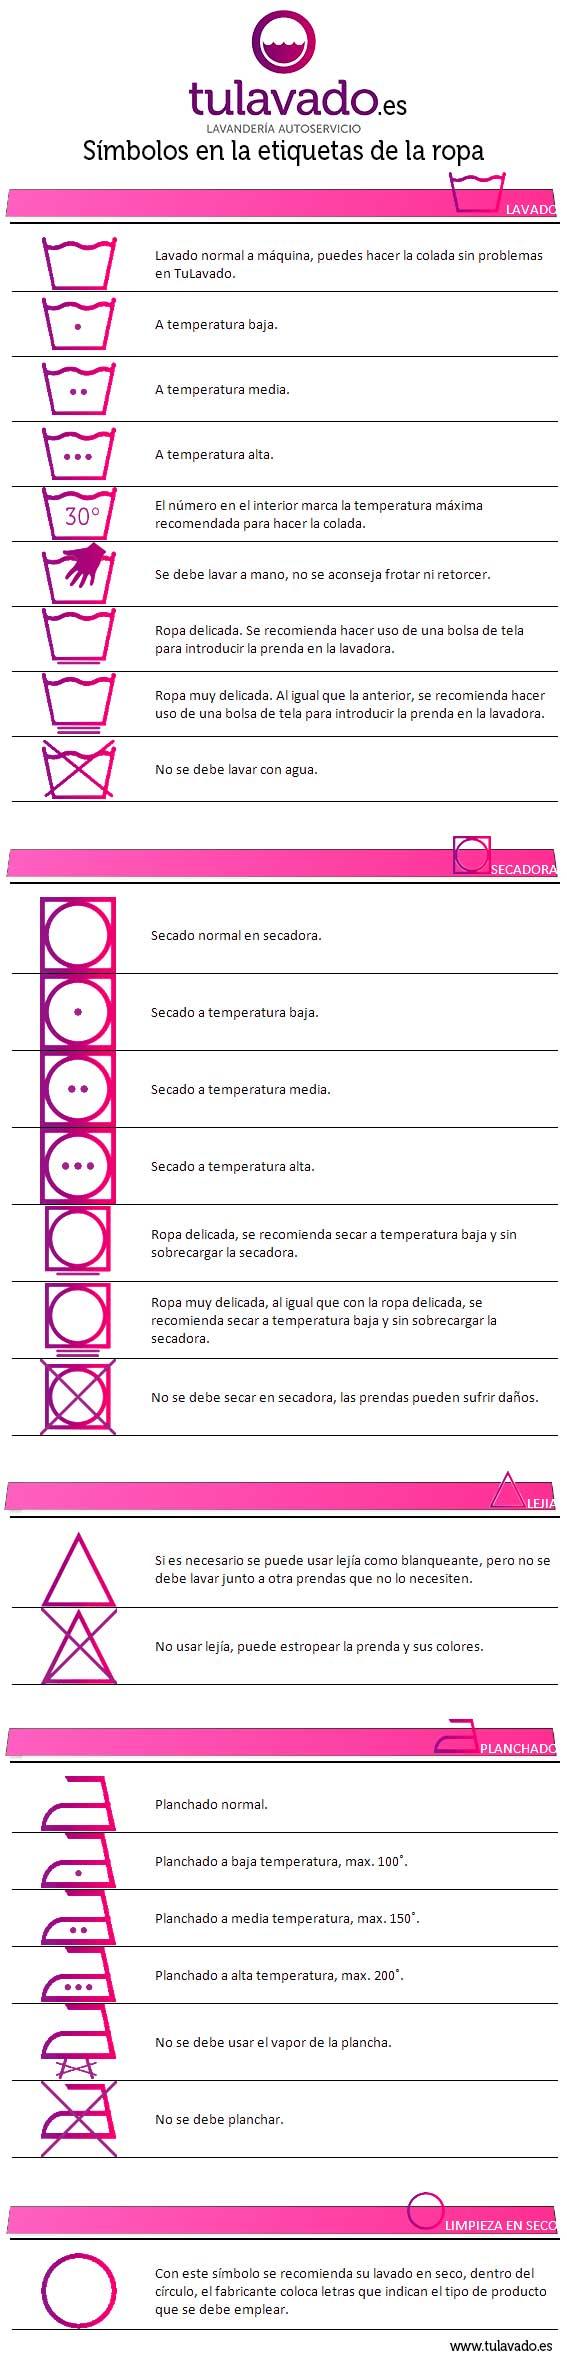 infografía sobre los símbolos de lavado en las etiquetas de la ropa.